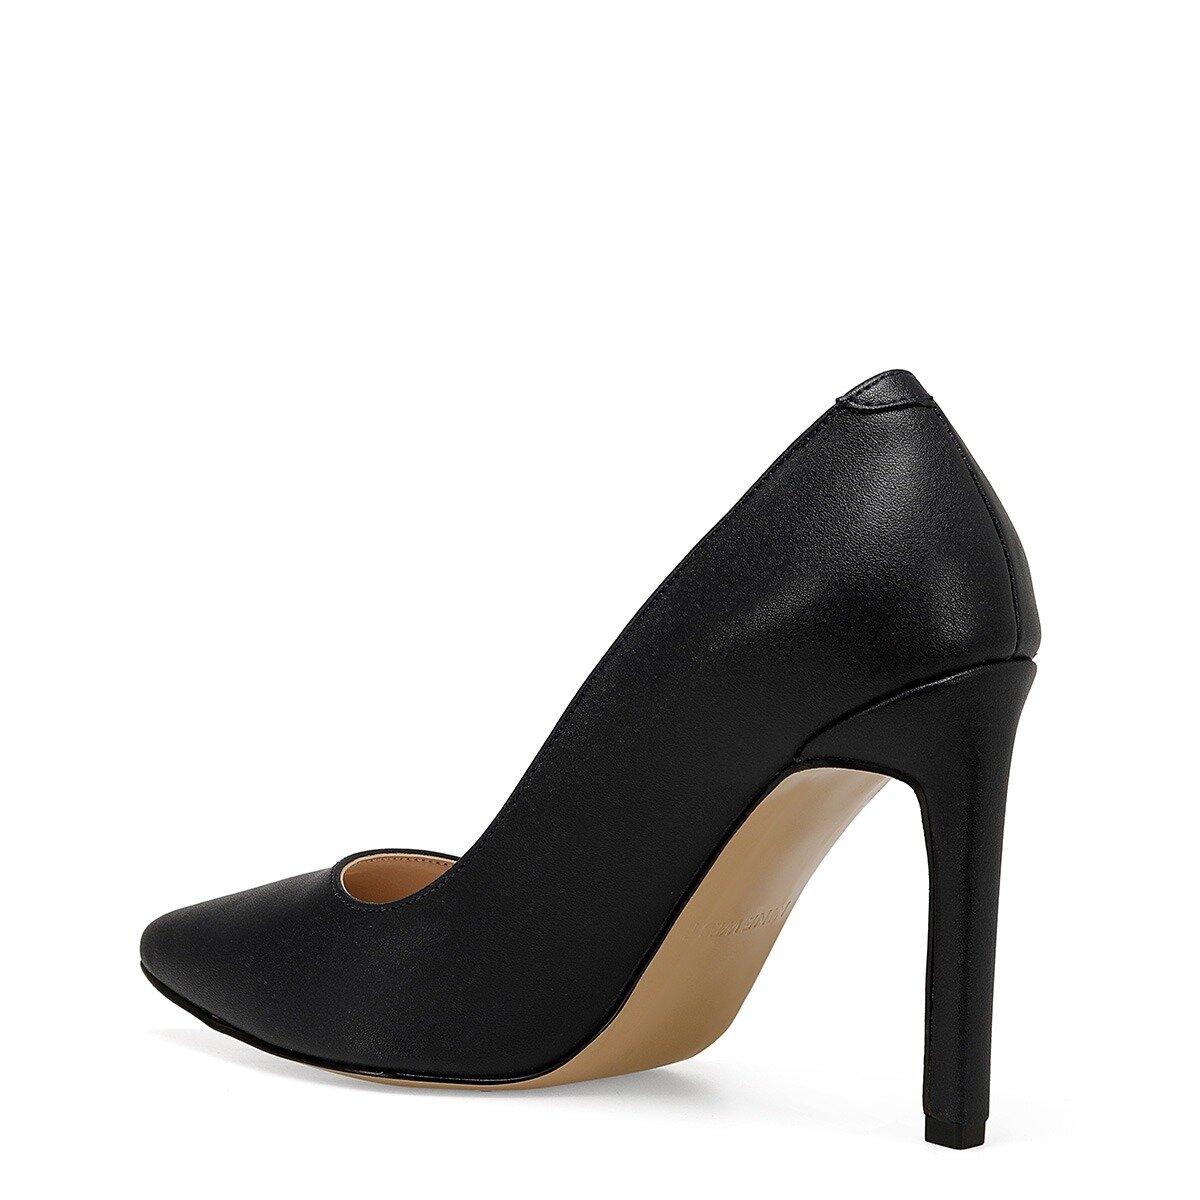 RAINA Lacivert Kadın Stiletto